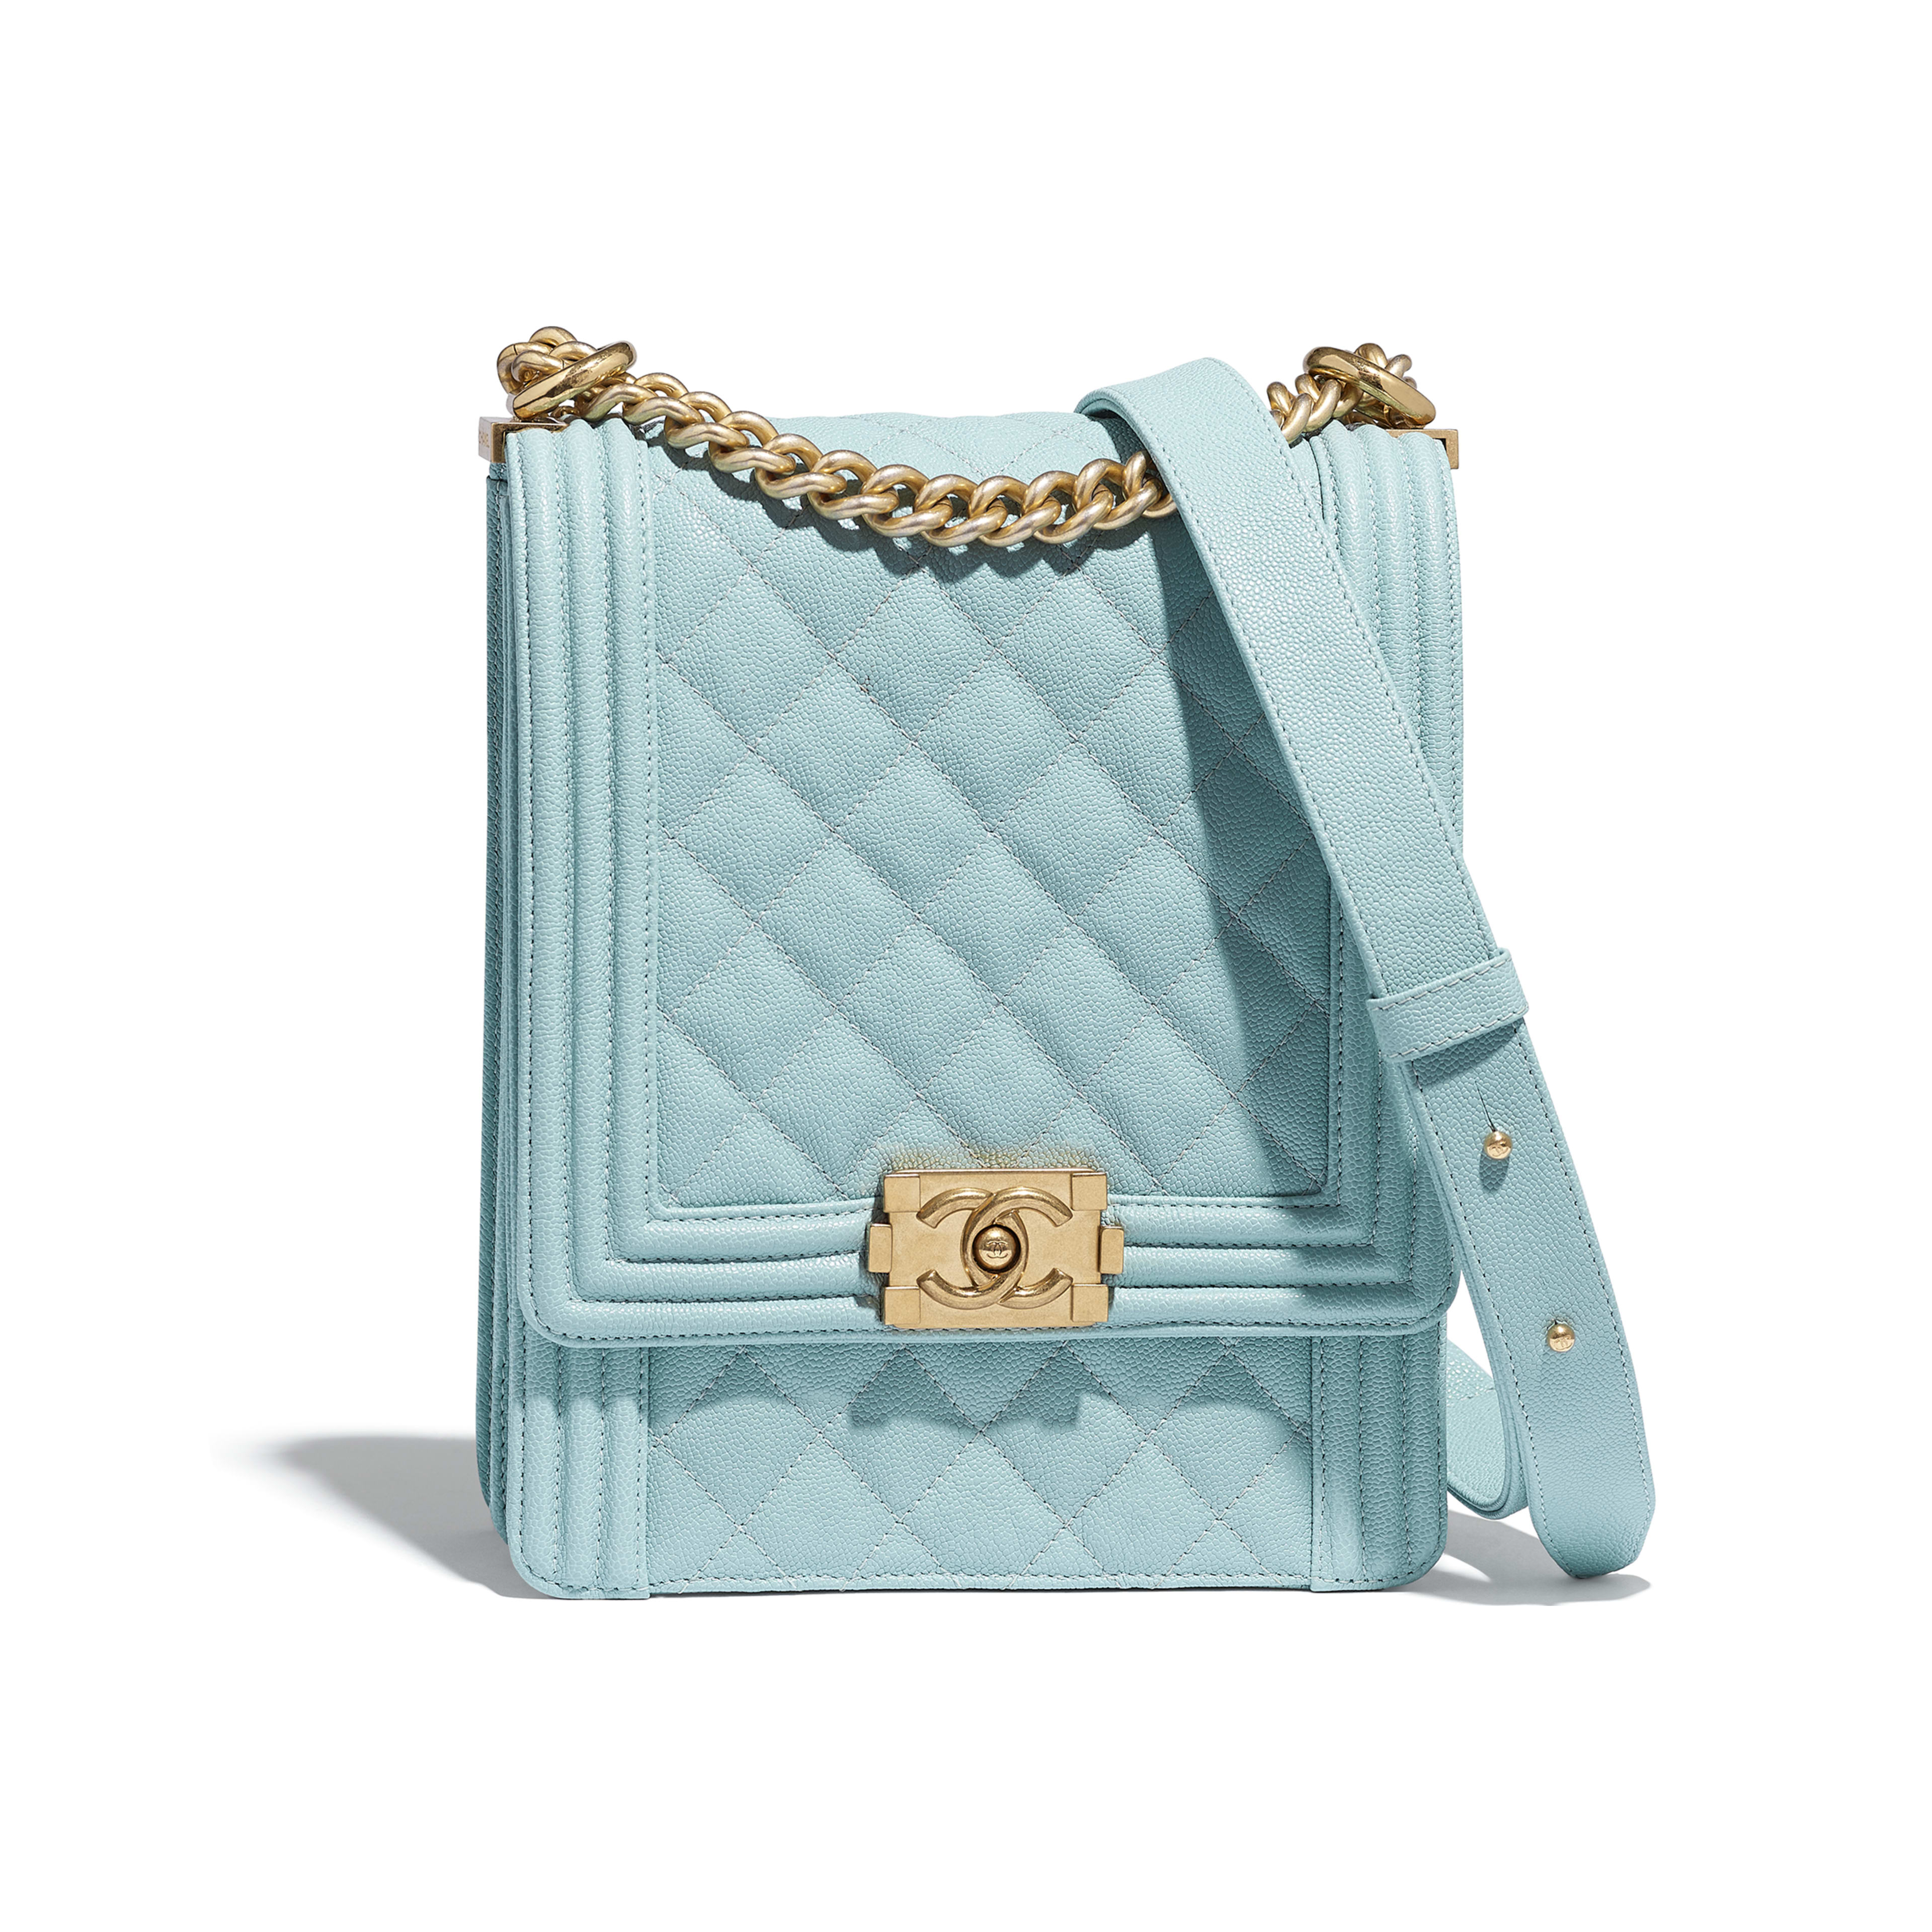 BOY CHANEL Handbag - Light Blue - Grained Calfskin   Gold-Tone Metal -  Default ... 6d9e8ae7d